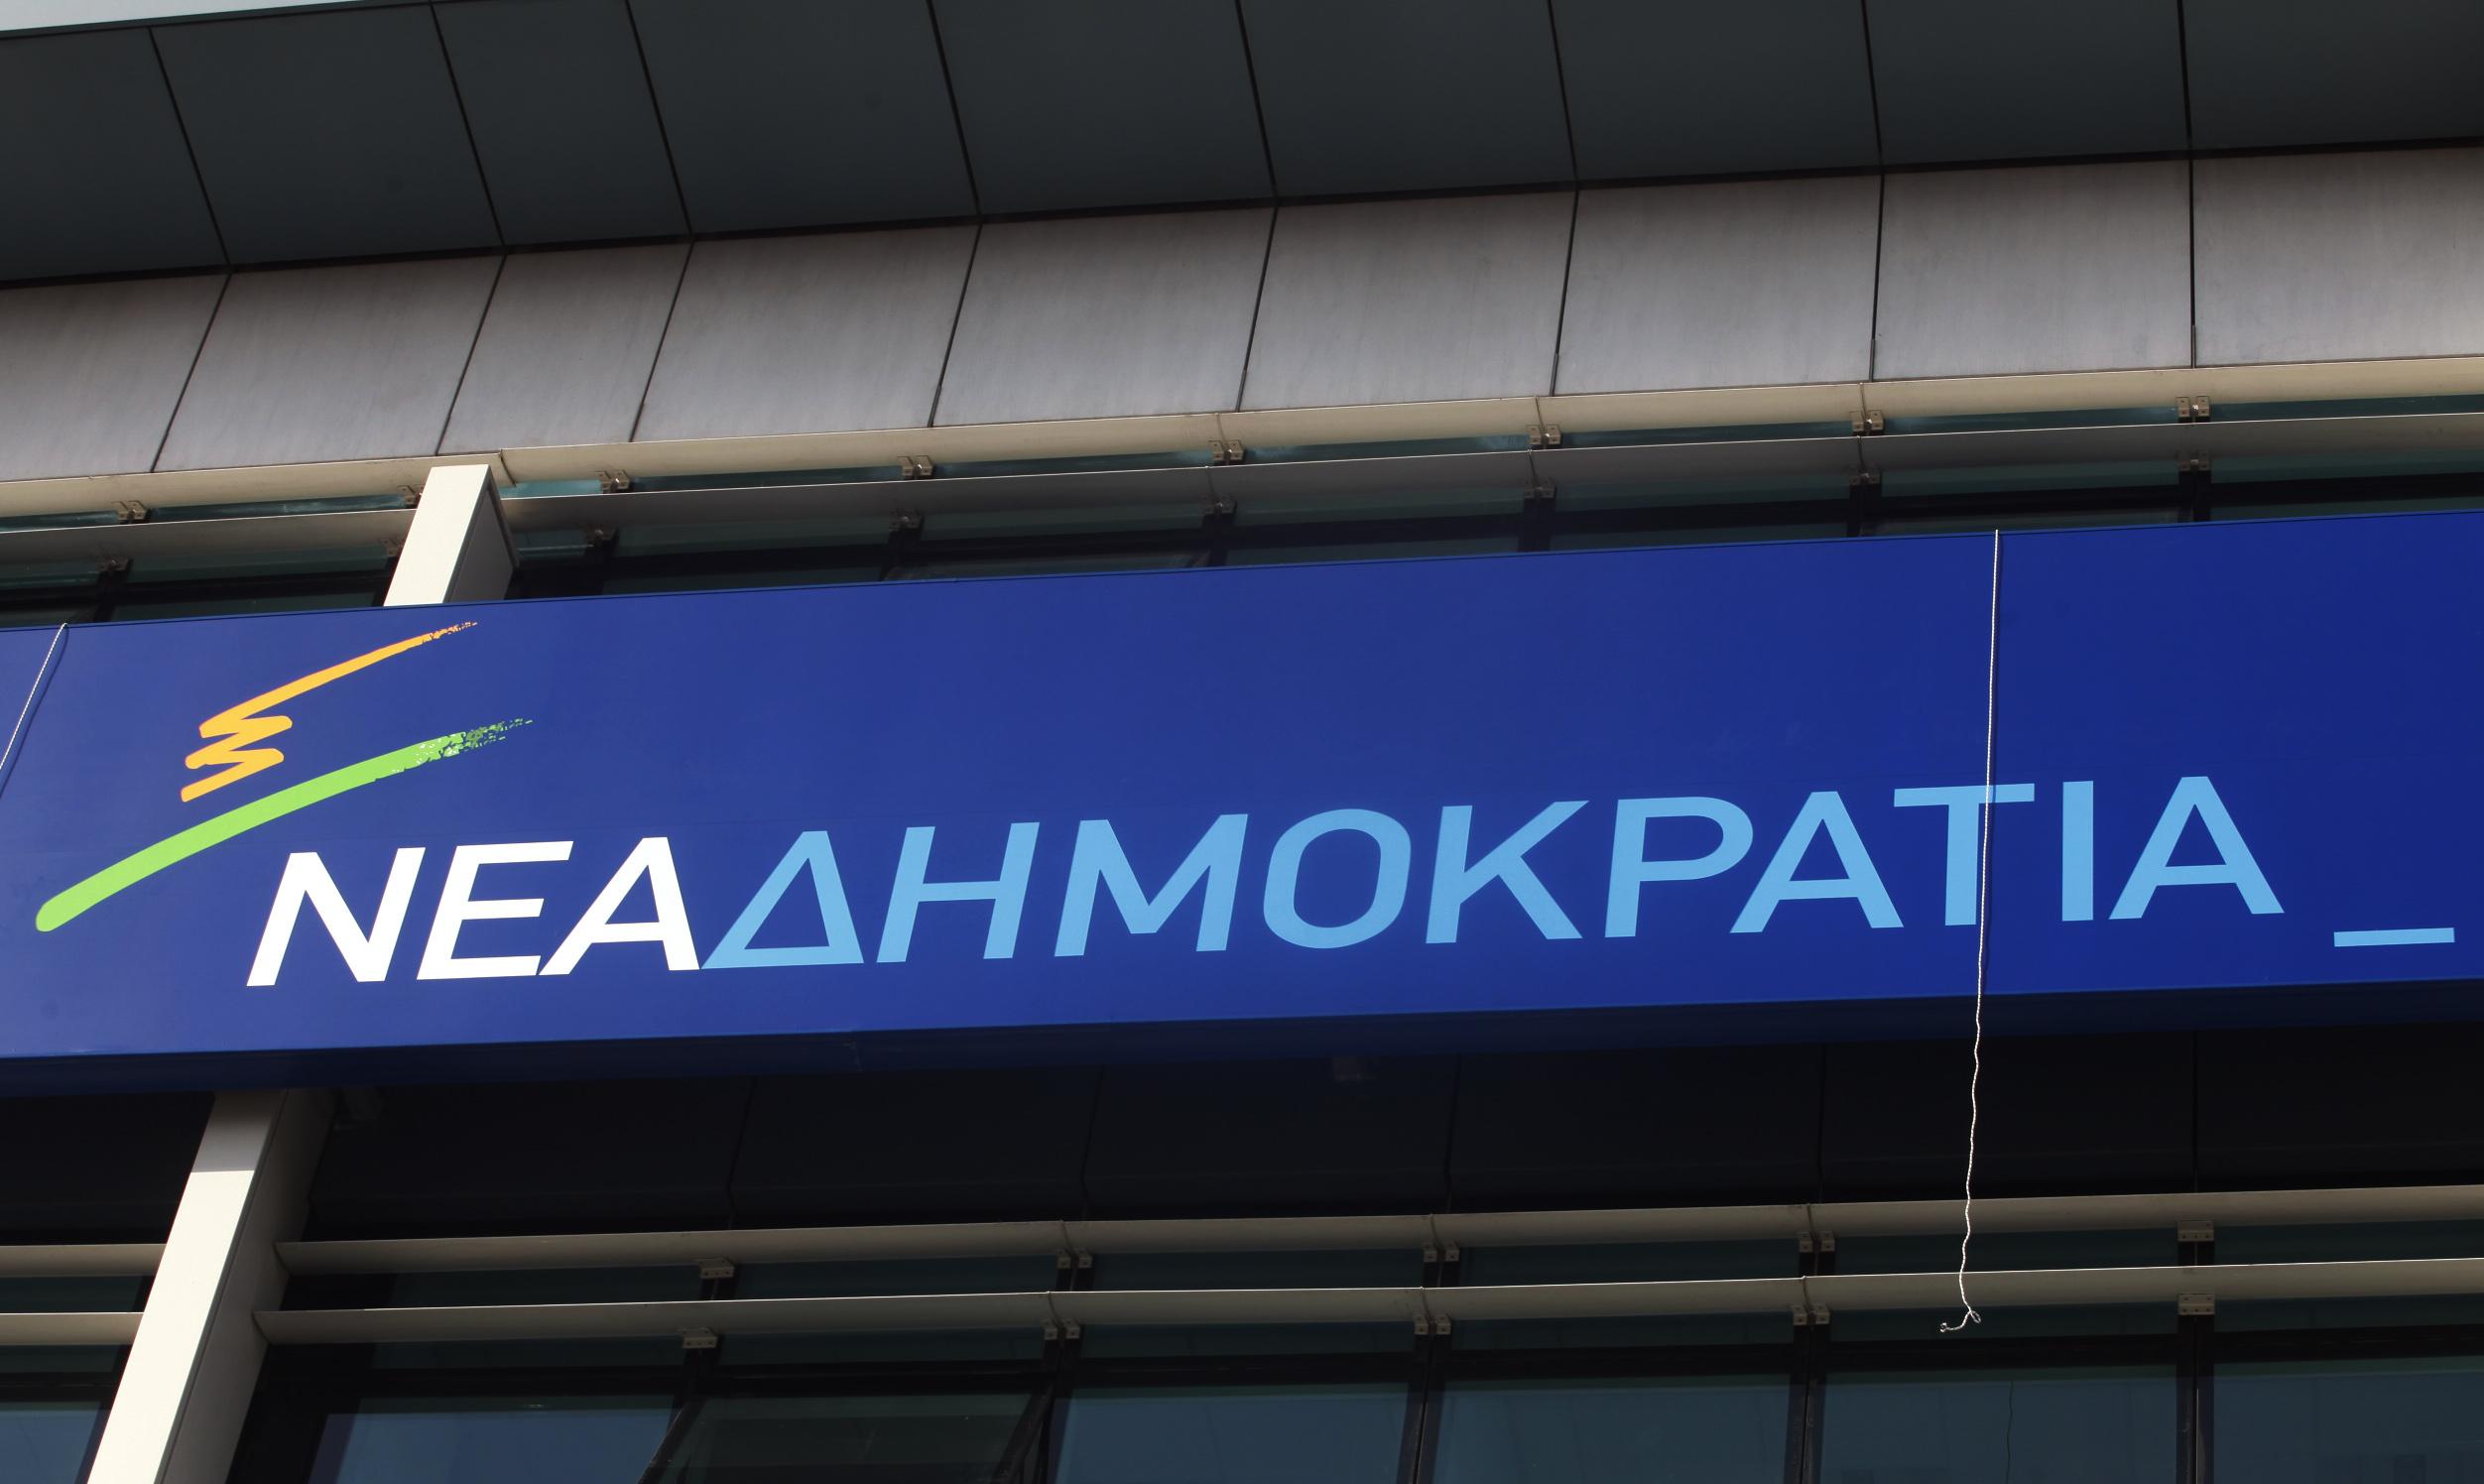 Η αμφισβήτηση των δημοσκοπήσεων στον αγώνα για την ηγεσία της Νέας Δημοκρατίας | tovima.gr